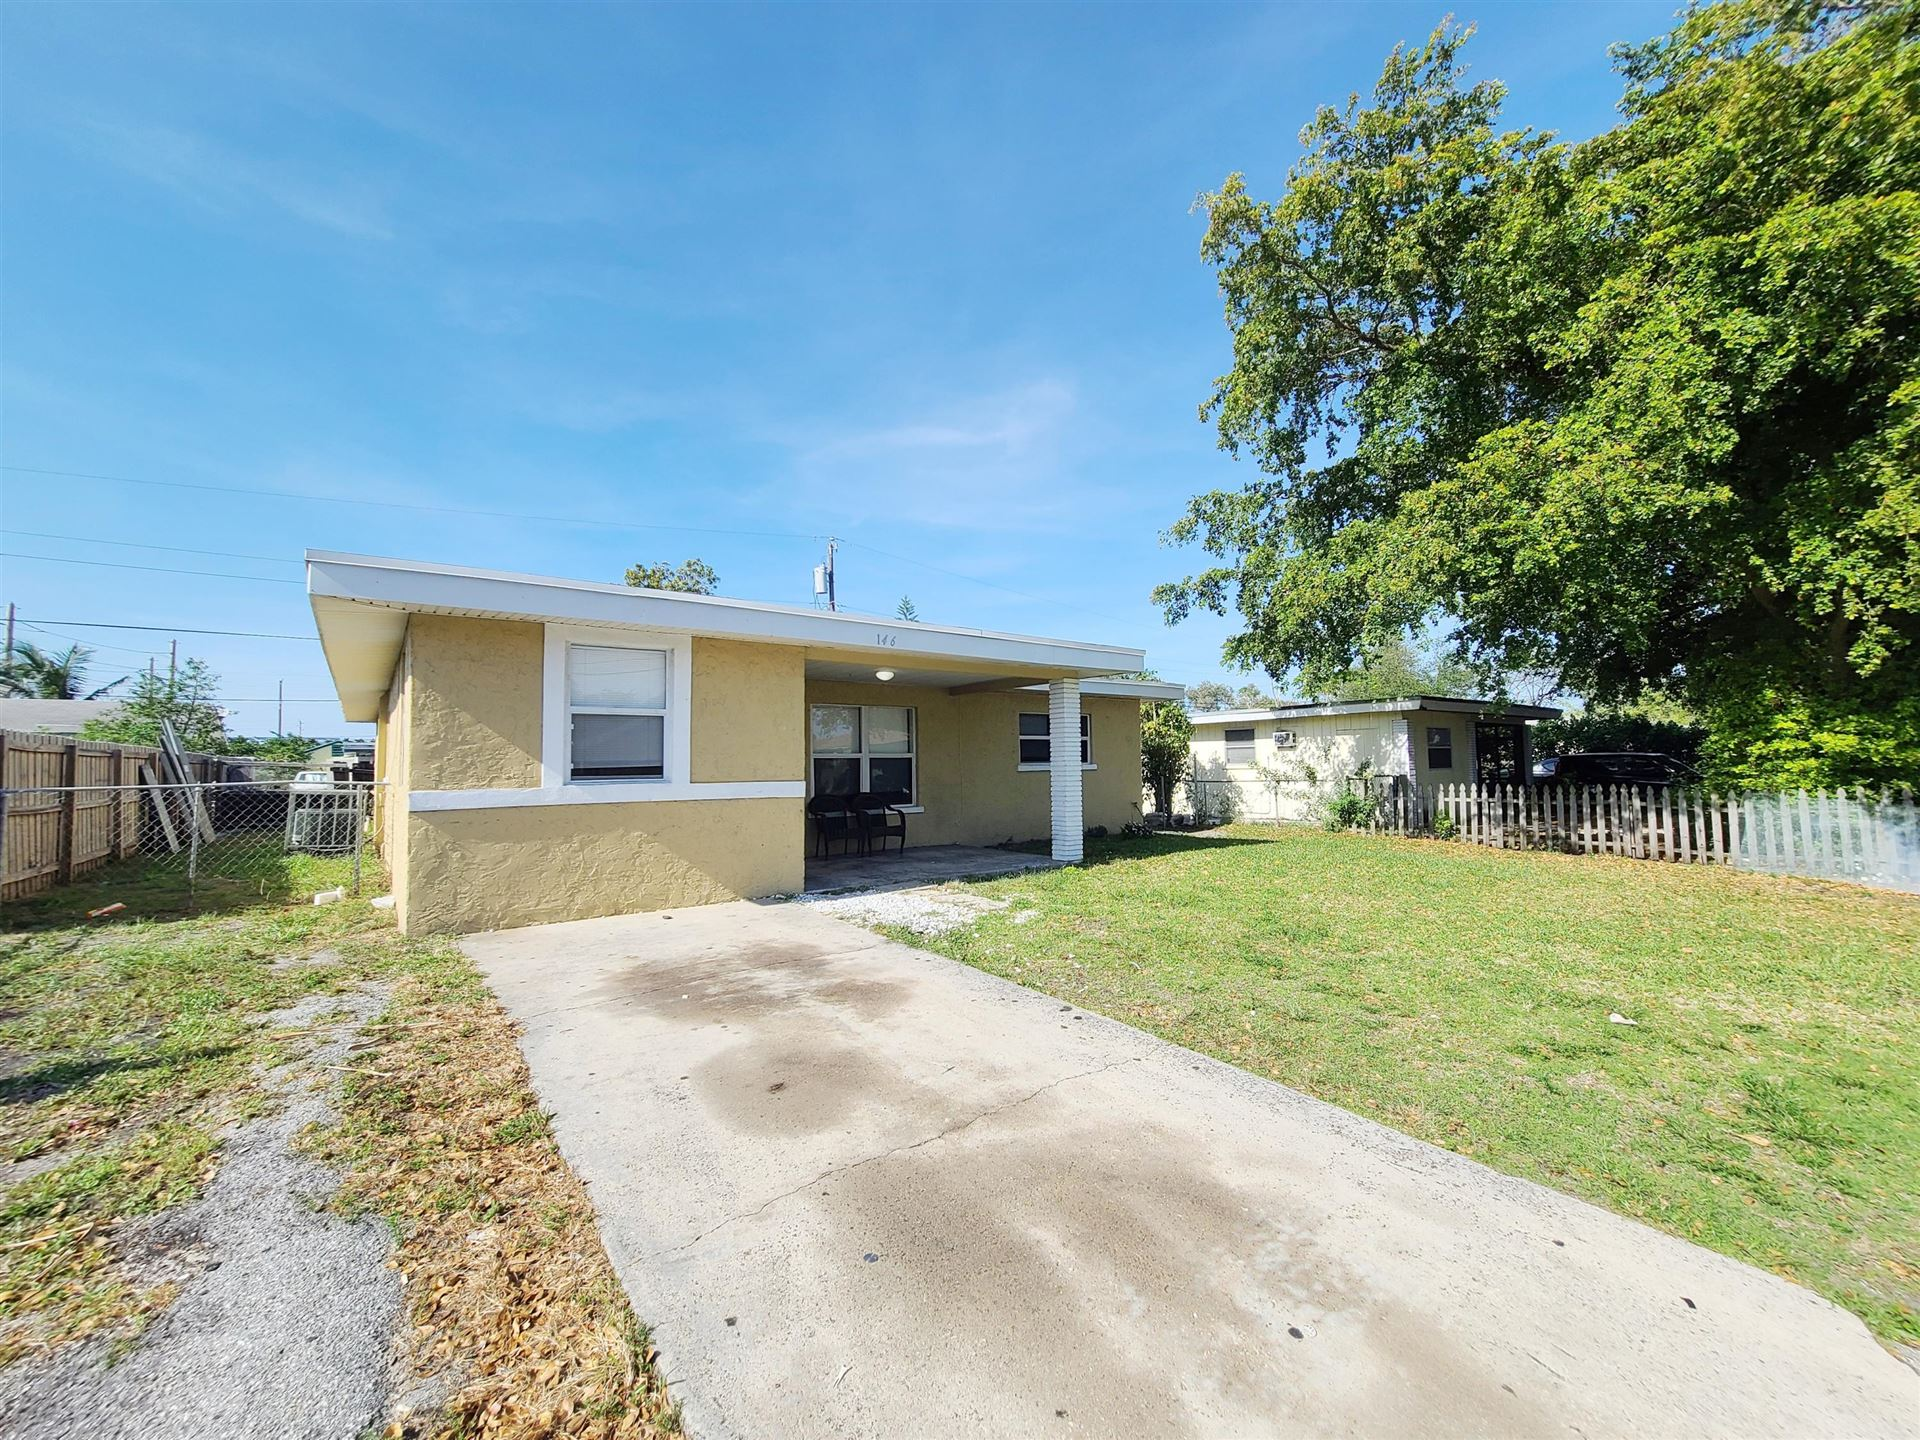 Photo of 146 W 17th Street, Riviera Beach, FL 33404 (MLS # RX-10713935)